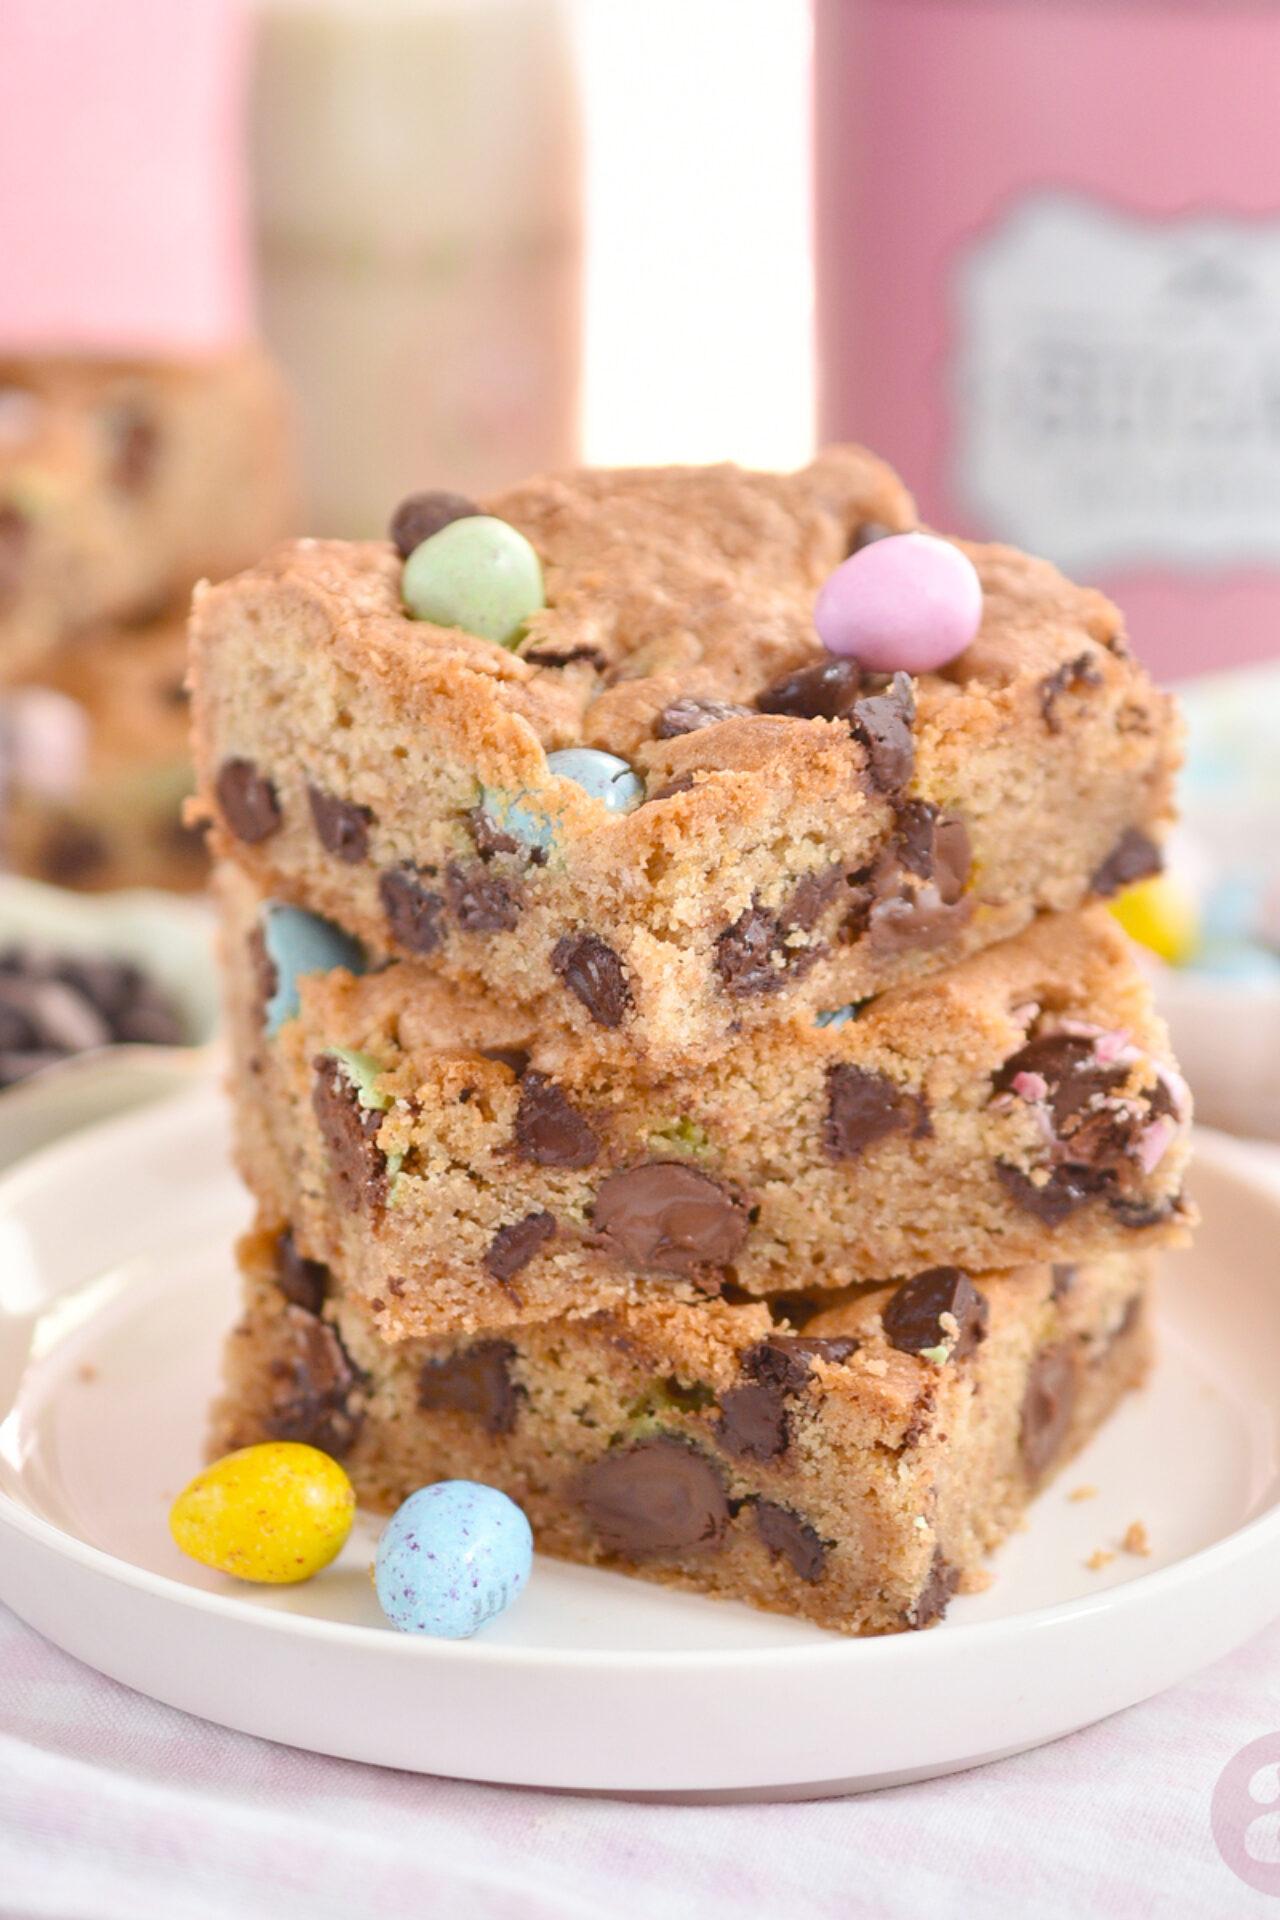 Barras de galletas con trocitos de chocolate y M&M's